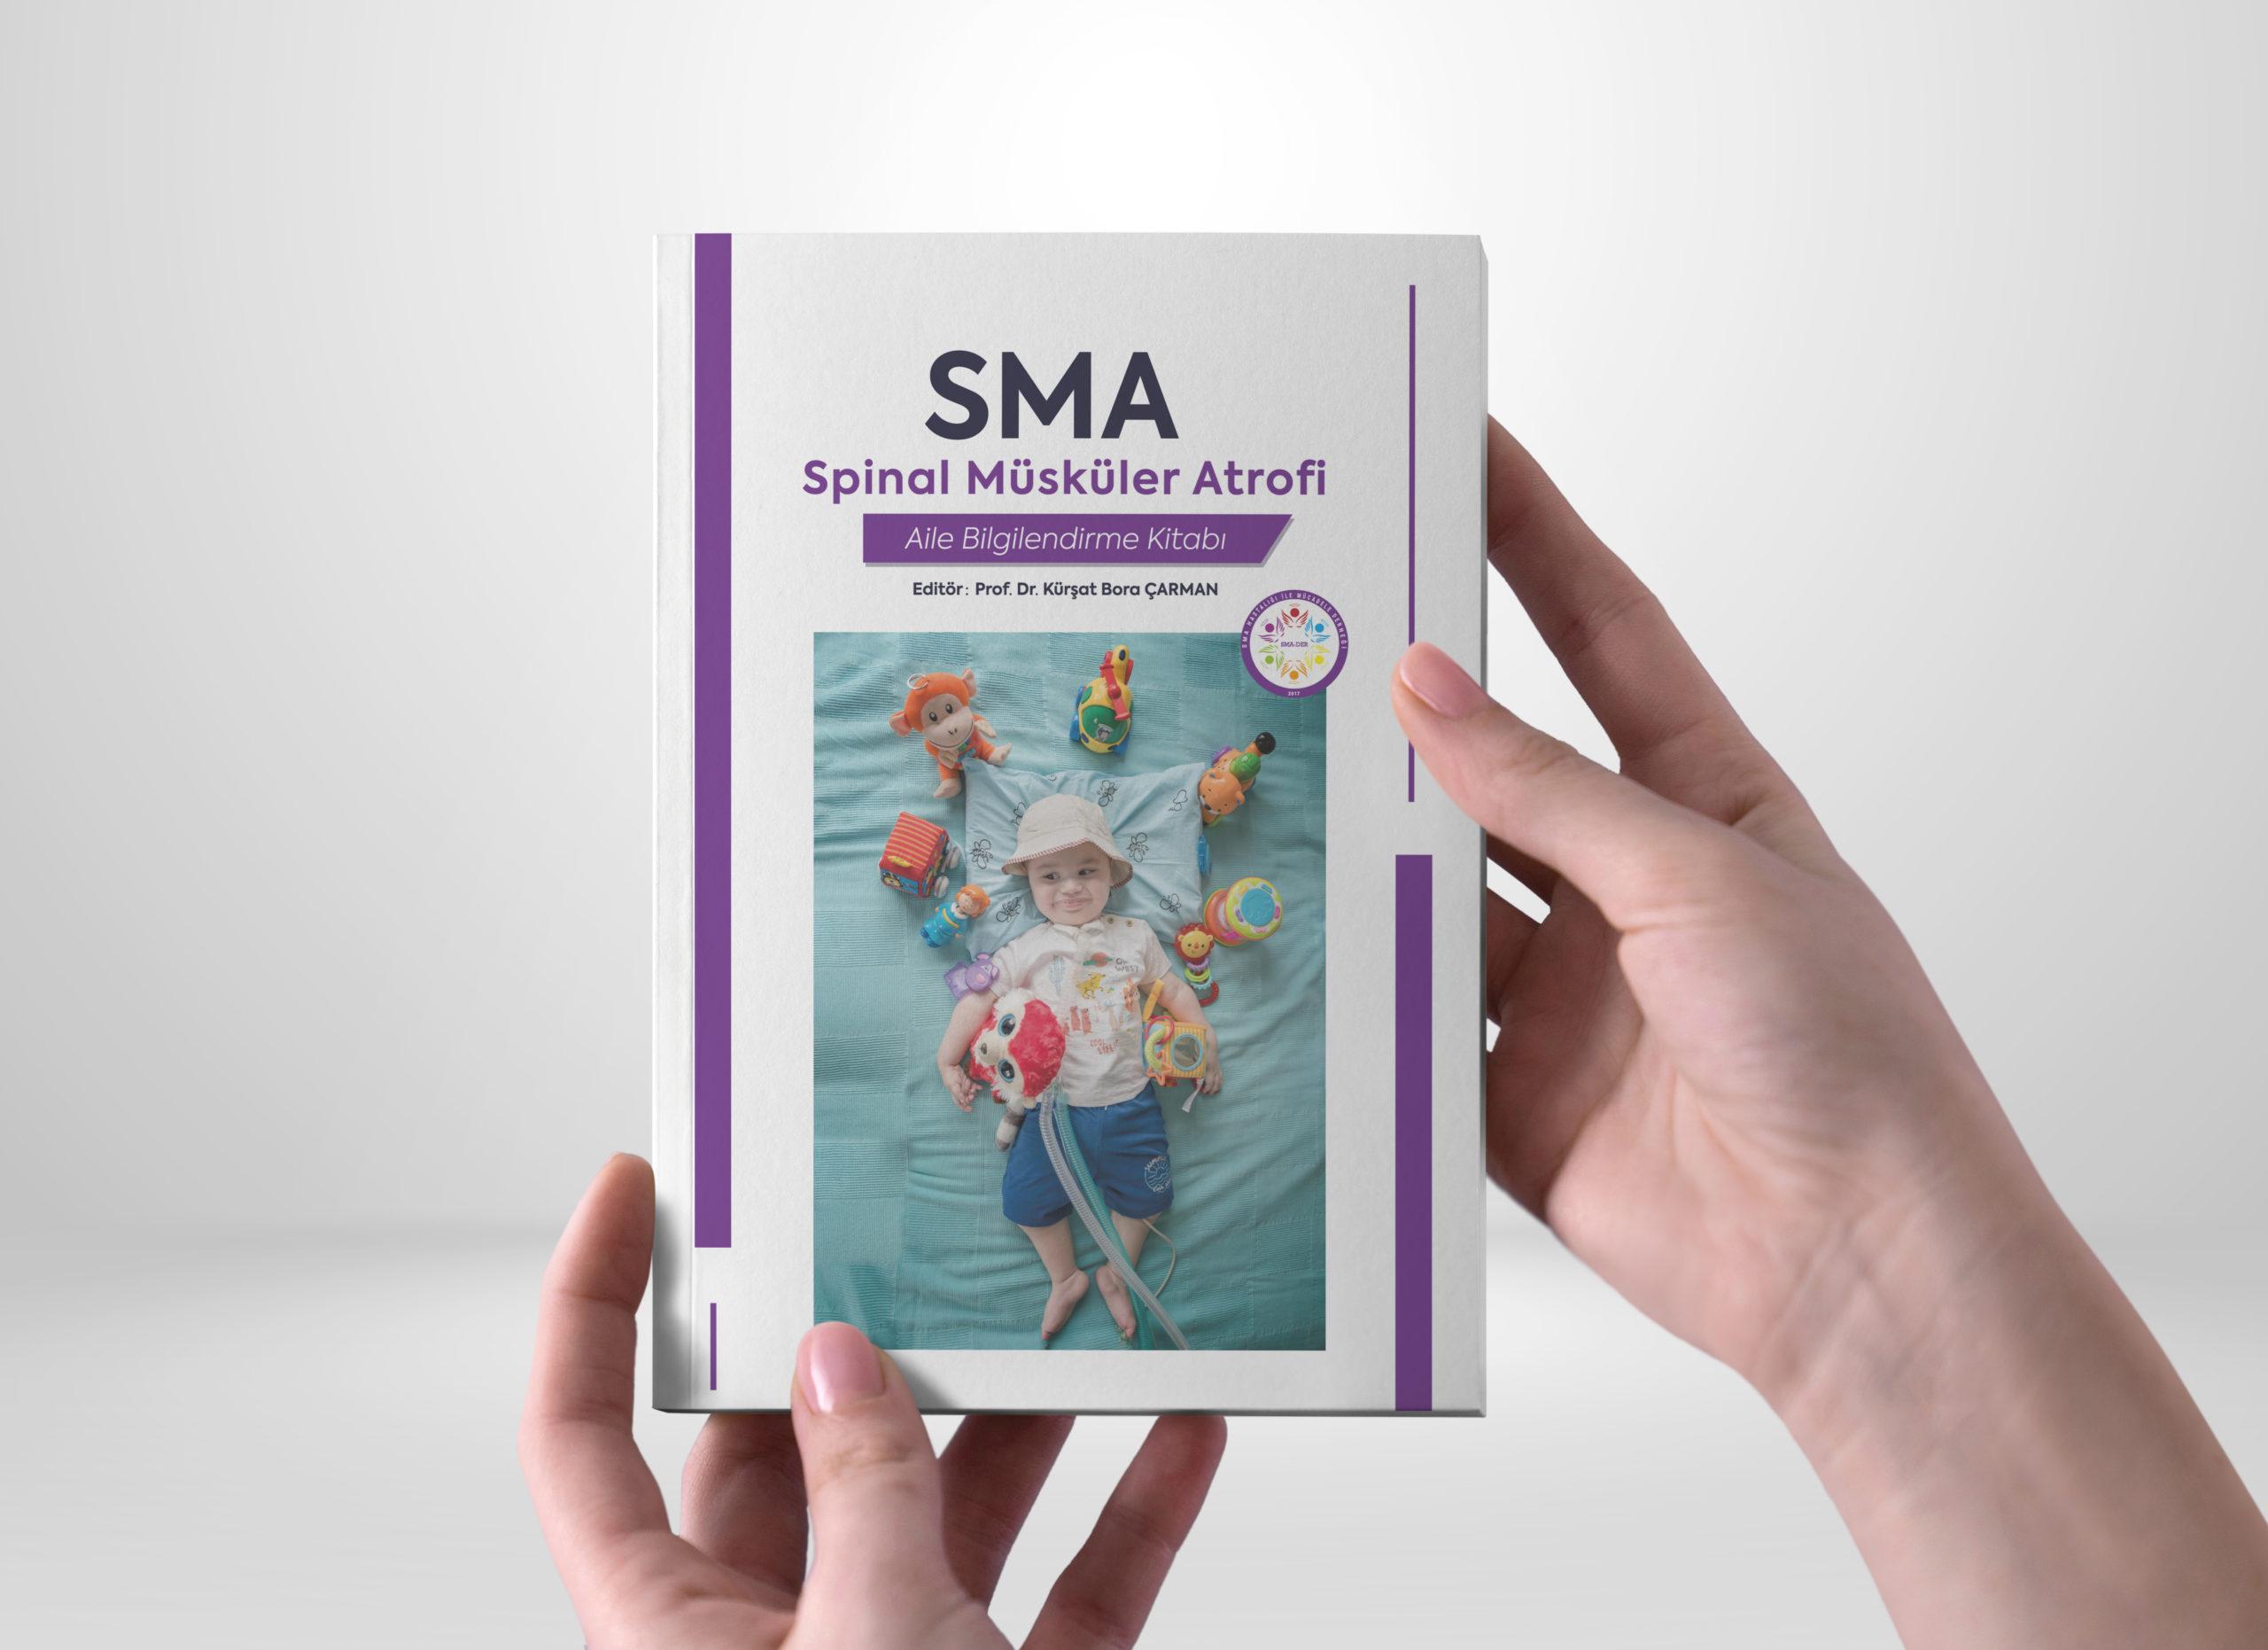 """SMA Aile Bilgilendirme kitabının editörü Prof. Dr. Kürşat Bora Çarman, kitapta SMA'nın nedenleri, sıklığı, klinik özellikleri, tanılama süreci, hastalıkta etkilenen diğer sistemler, güncel tedavi yöntemleri ile ilgili bilgilere yer verdiklerini açıkladı. Prof. Dr. Çarman, kitabın içeriği ile ilgili olarak sözlerine şöyle devam etti: """"Trakeostomi ve gastrostomi sonrası hasta yakınlarının zorlandıkları noktaları tespit ederek; trakeostomisi olan hastaların bakımında temel amaçlar, aspirasyon, stoma bakımı ve pansumanı, trakeostomili ve gastrostomi hastalarda sıkça karşılaşılan problemler ve yapılacak işlemlere değindik. Fizik tedavi uygulamaları ve SMA tanılı bir çocuğun ebeveyni olmak bölümlerinde bakım verenlerden sıkça gelen soruları yanıtlamaya çalıştık. Son olarak da SMA hastası bir çocuğa sahip ebeveynler, kendi deneyimlerini ve geliştirdikleri pratik yöntemleri diğer hasta yakınları ile paylaştılar."""